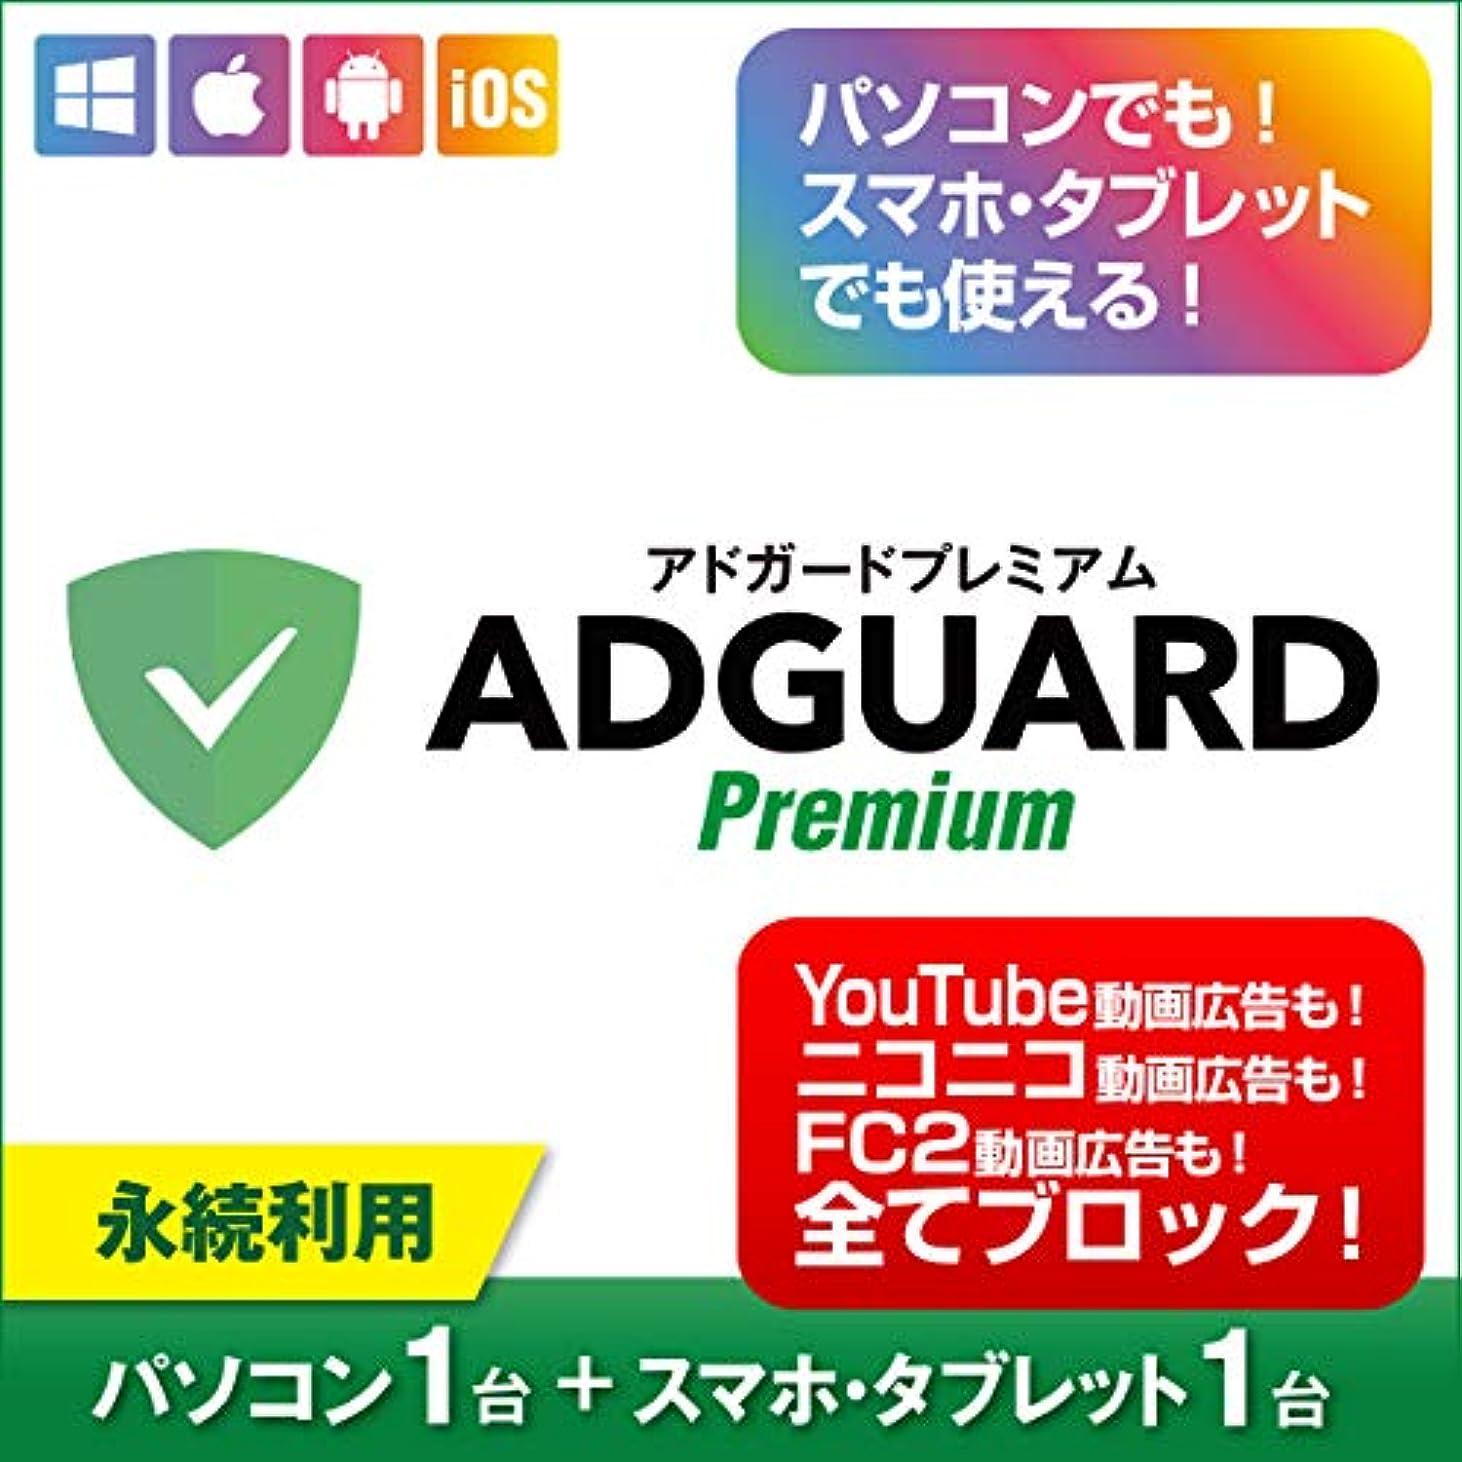 専制盲信可能AdGuard Premium(アドガードプレミアム) パソコン1台+スマホ?タブレット1台 ダウンロード版